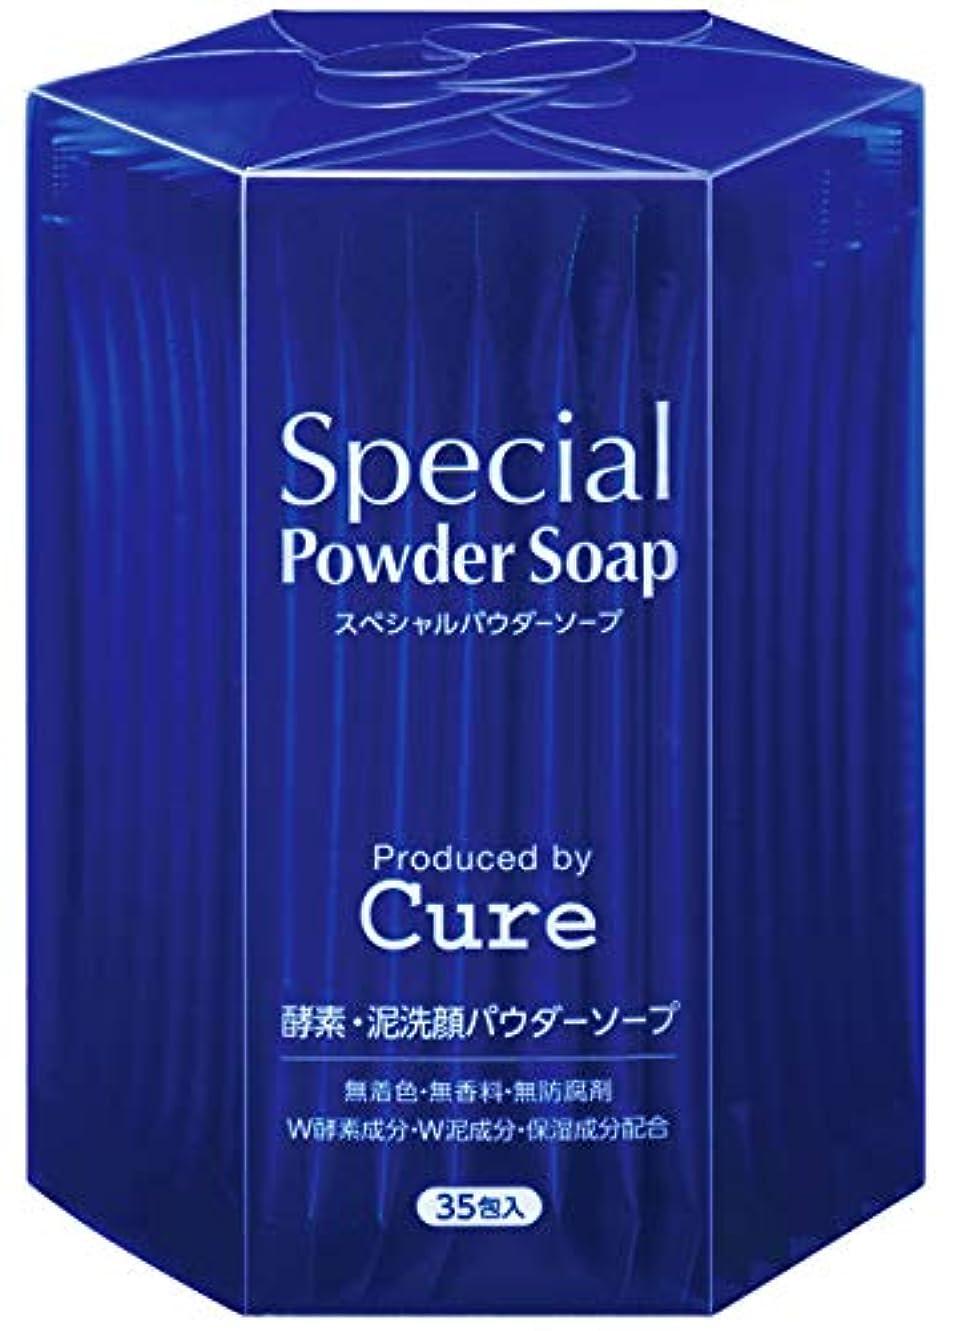 上流の枕記事Cure(キュア) 酵素洗顔 Special Powder Soap Cure スペシャルパウダーソープキュア 0.6g×35包 g×35包